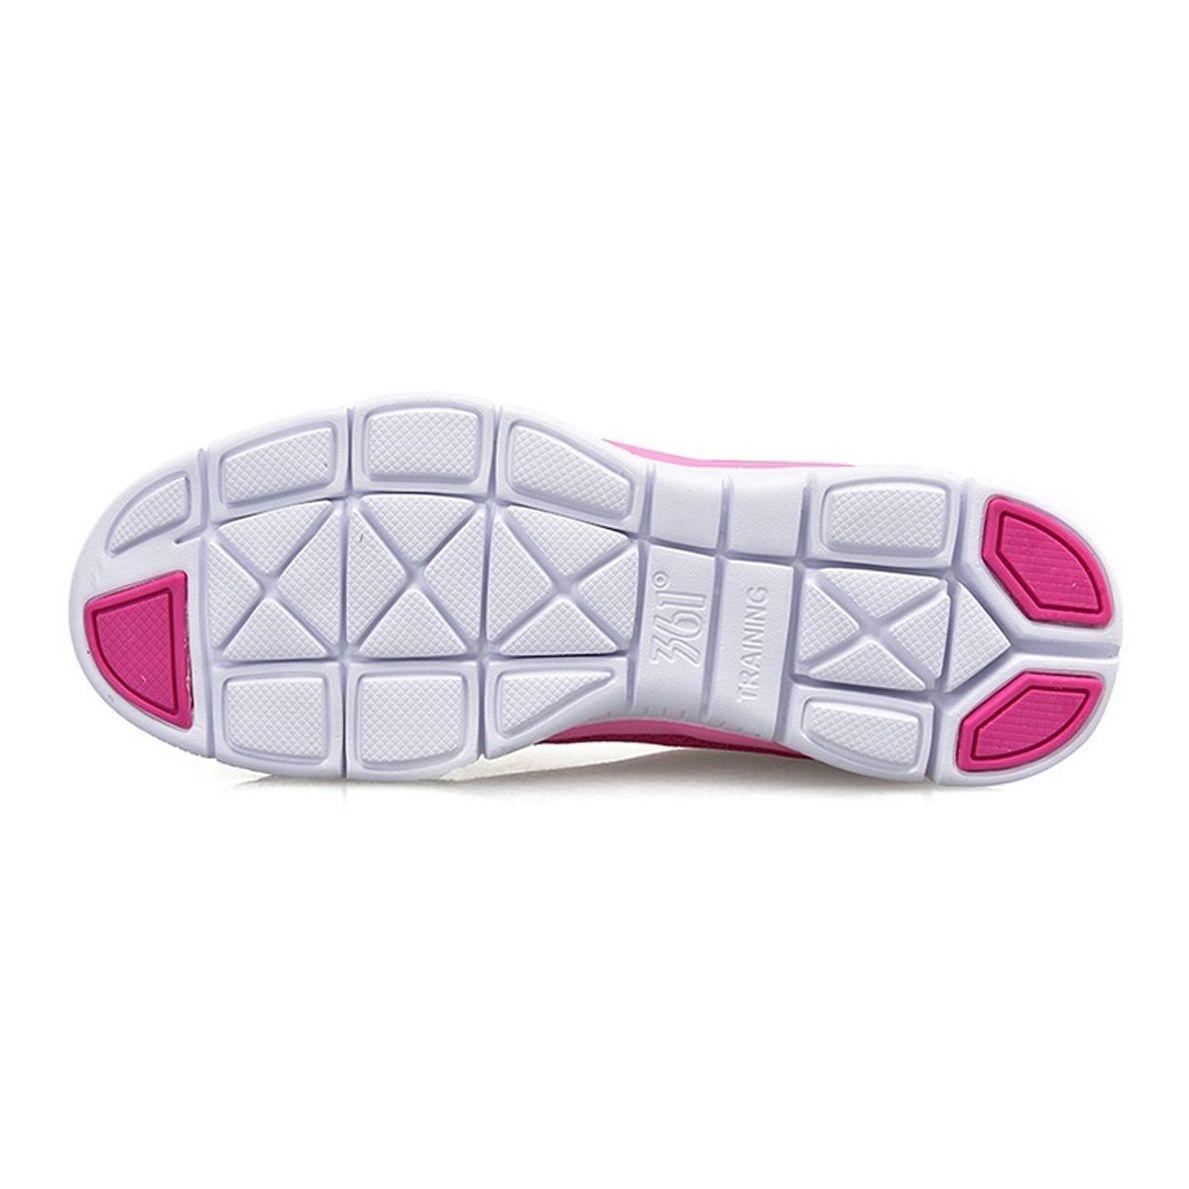 کفش مخصوص تمرین زنانه 361 درجه مدل 2277 -  - 5